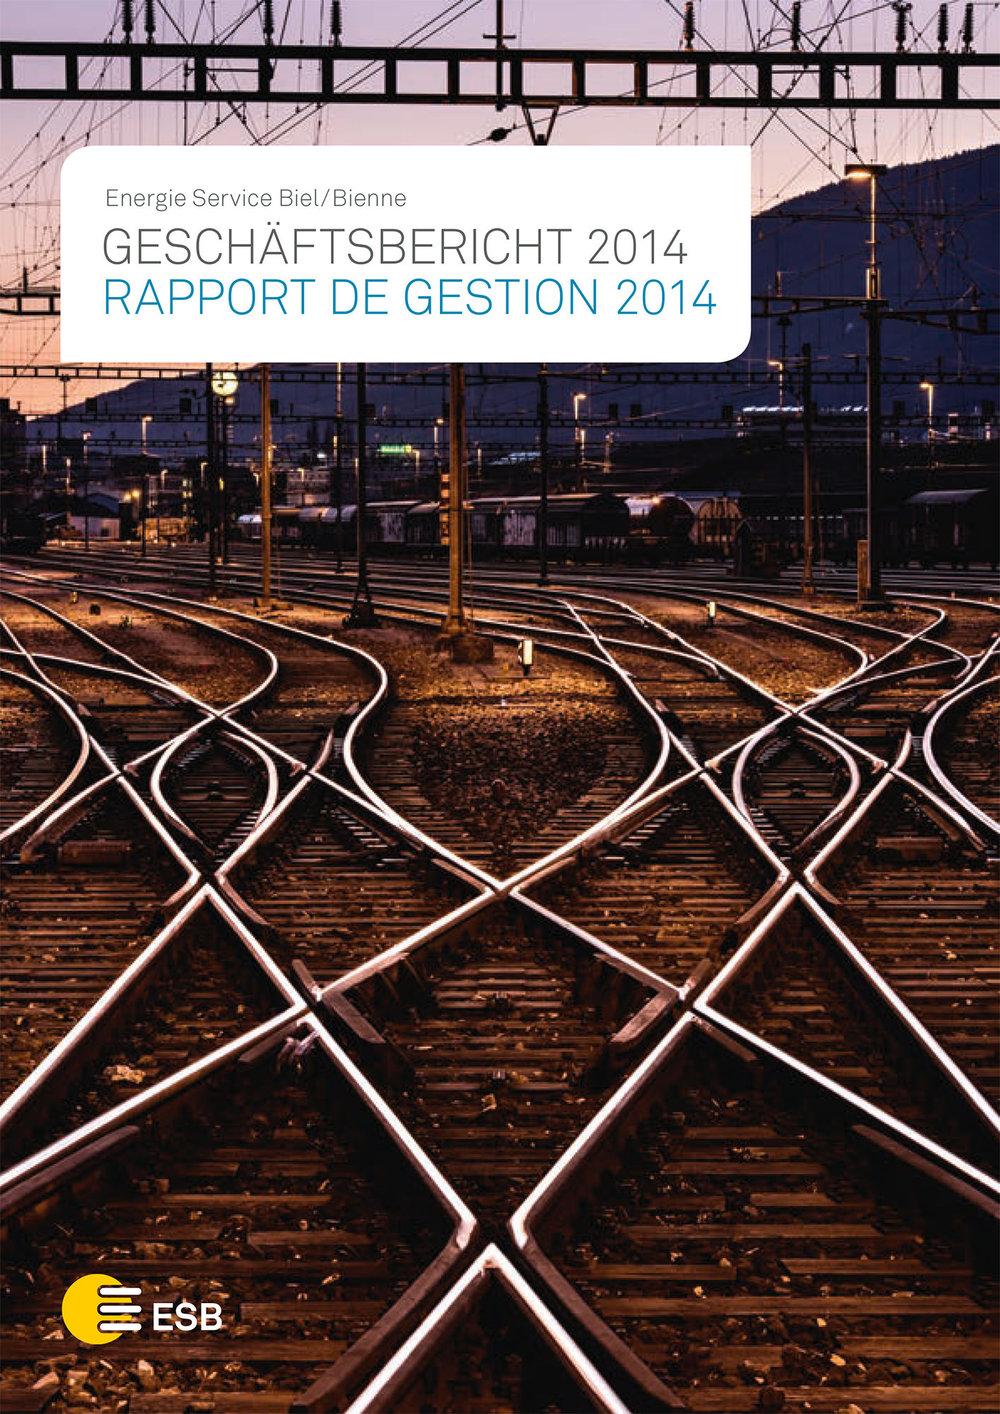 geschaeftsbericht_esb_2014_web-1.jpg